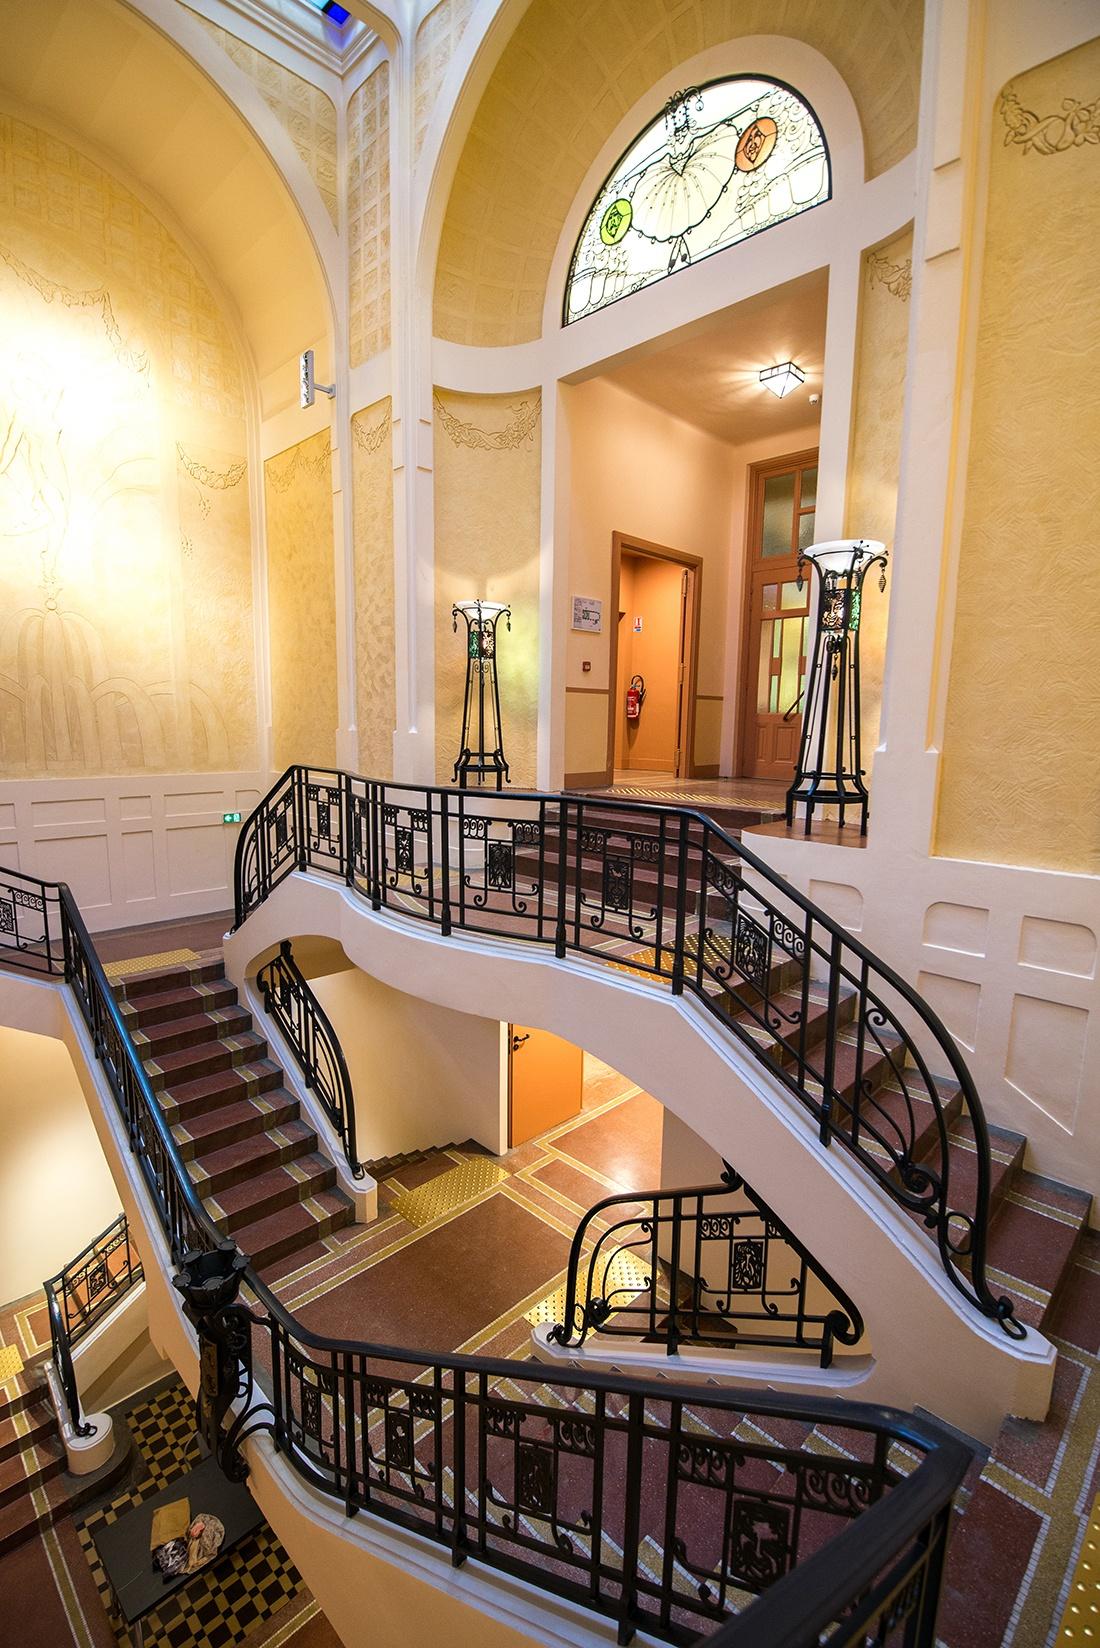 visite de la salle sthrau, salle de bal, art déco, maubeuge, nord, hauts-de-france